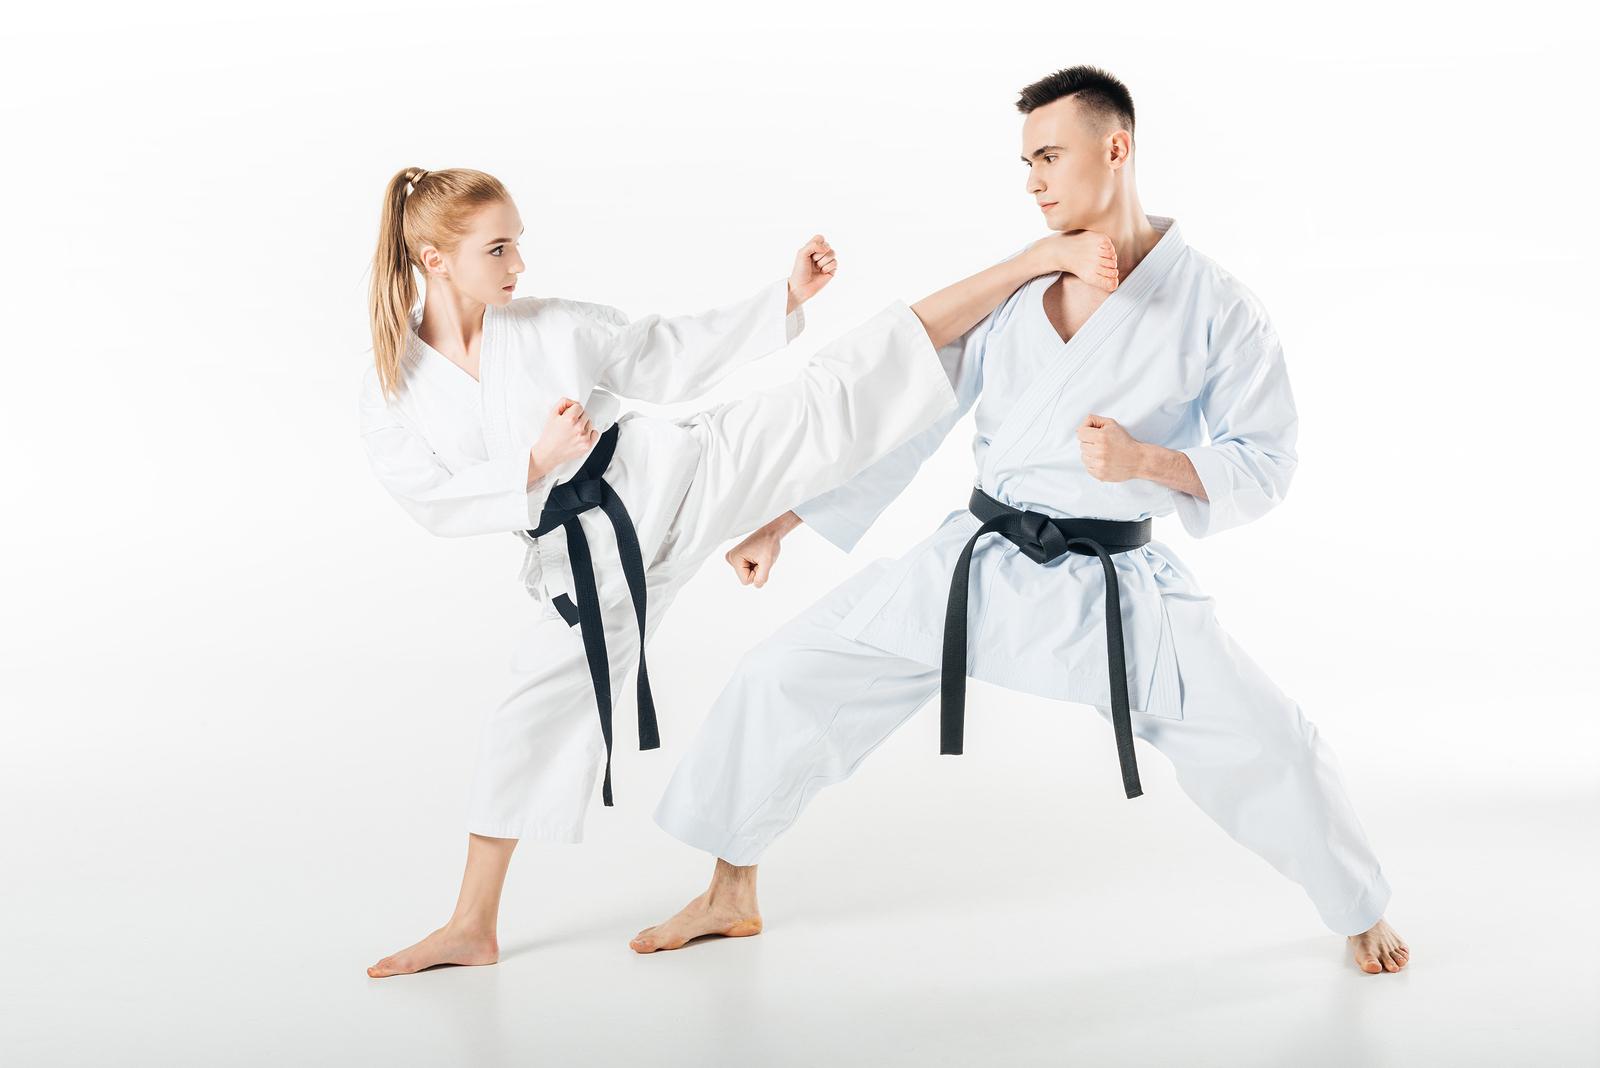 Shotokan Karate Club Villach - Karate und Selbstverteidigung - Karate für Jugendliche